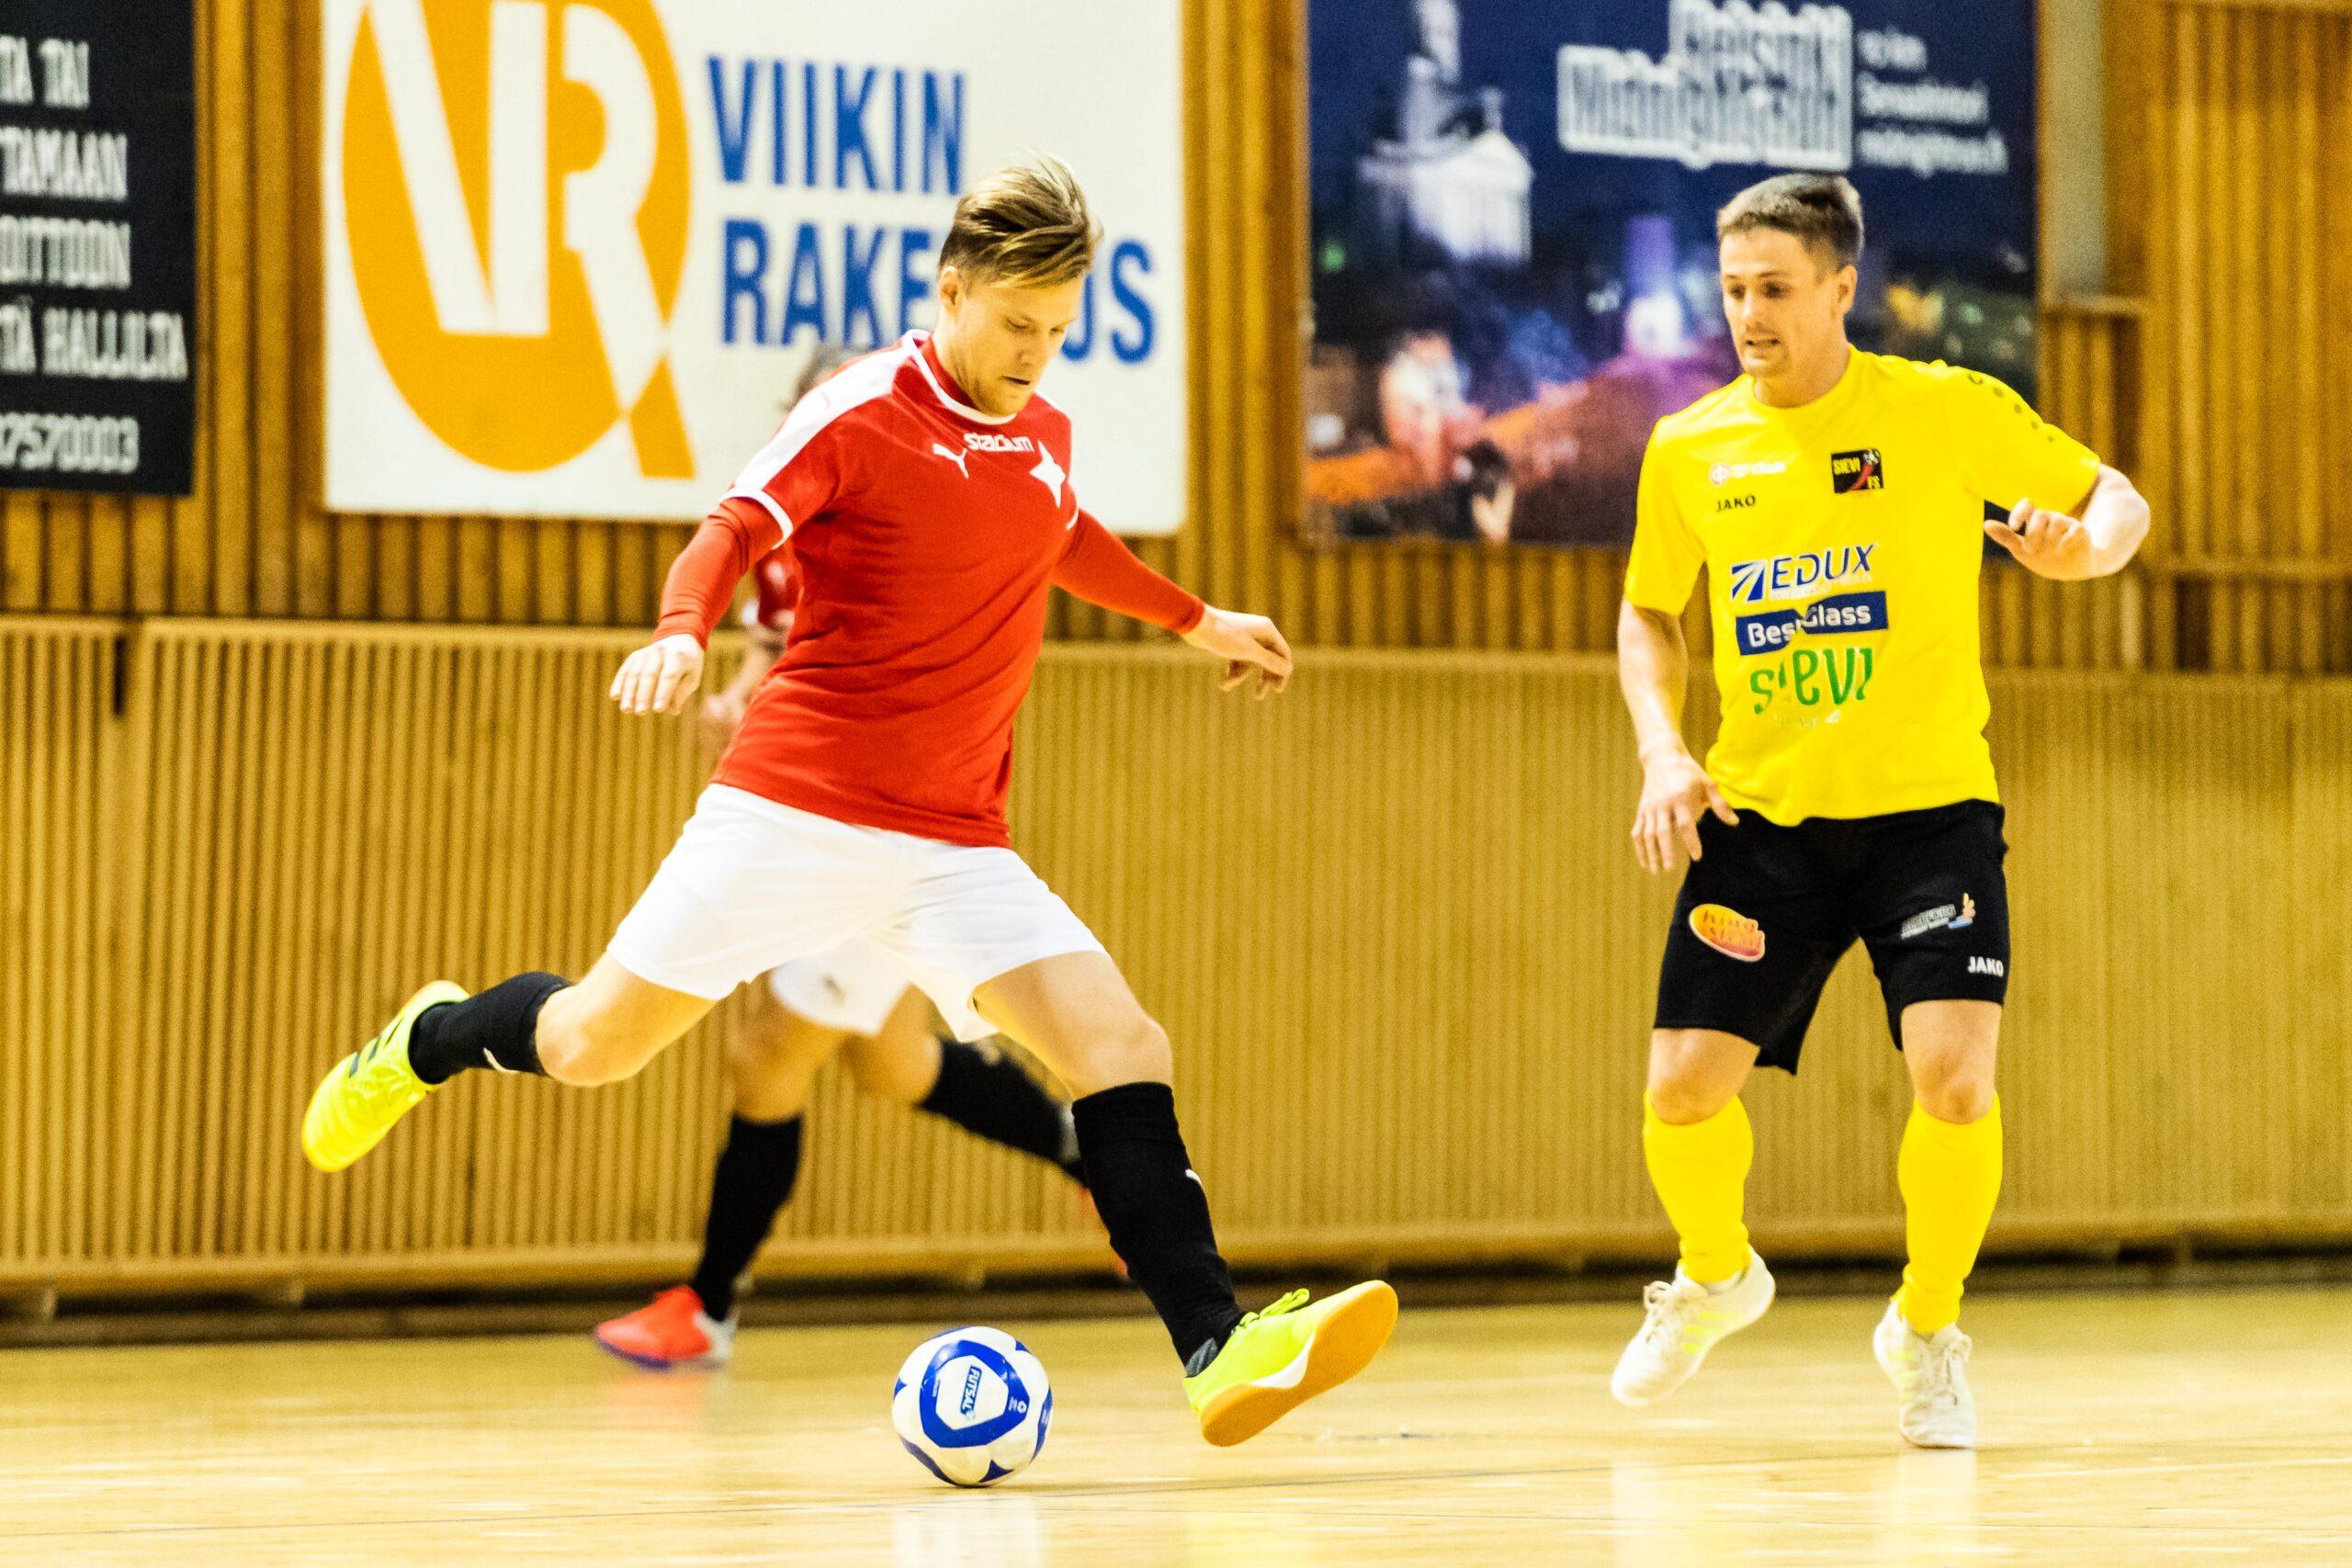 Muutoksia HIFK:n miesten joukkueen otteluohjelmassa